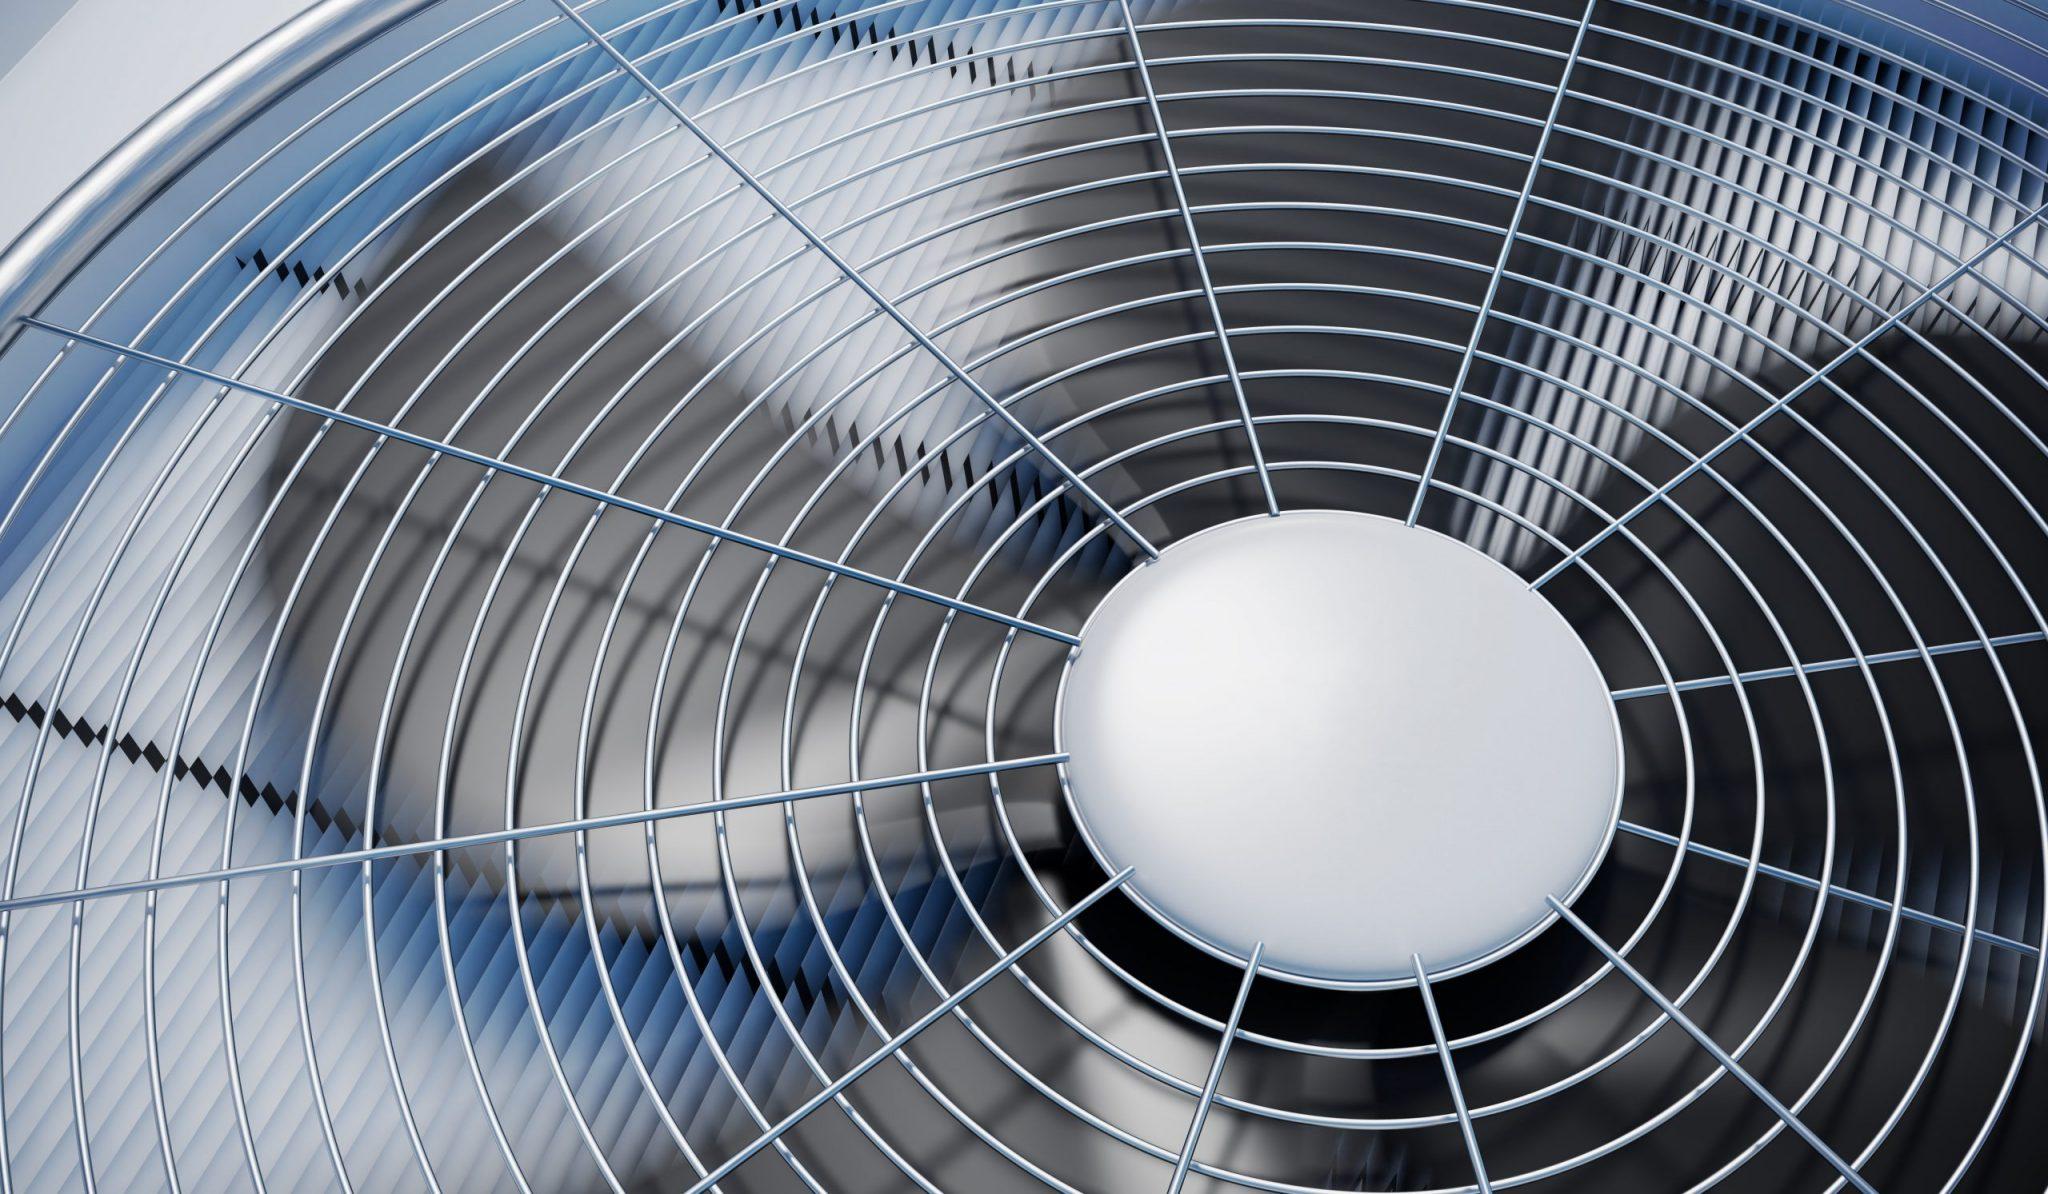 Close up view on HVAC unit fan